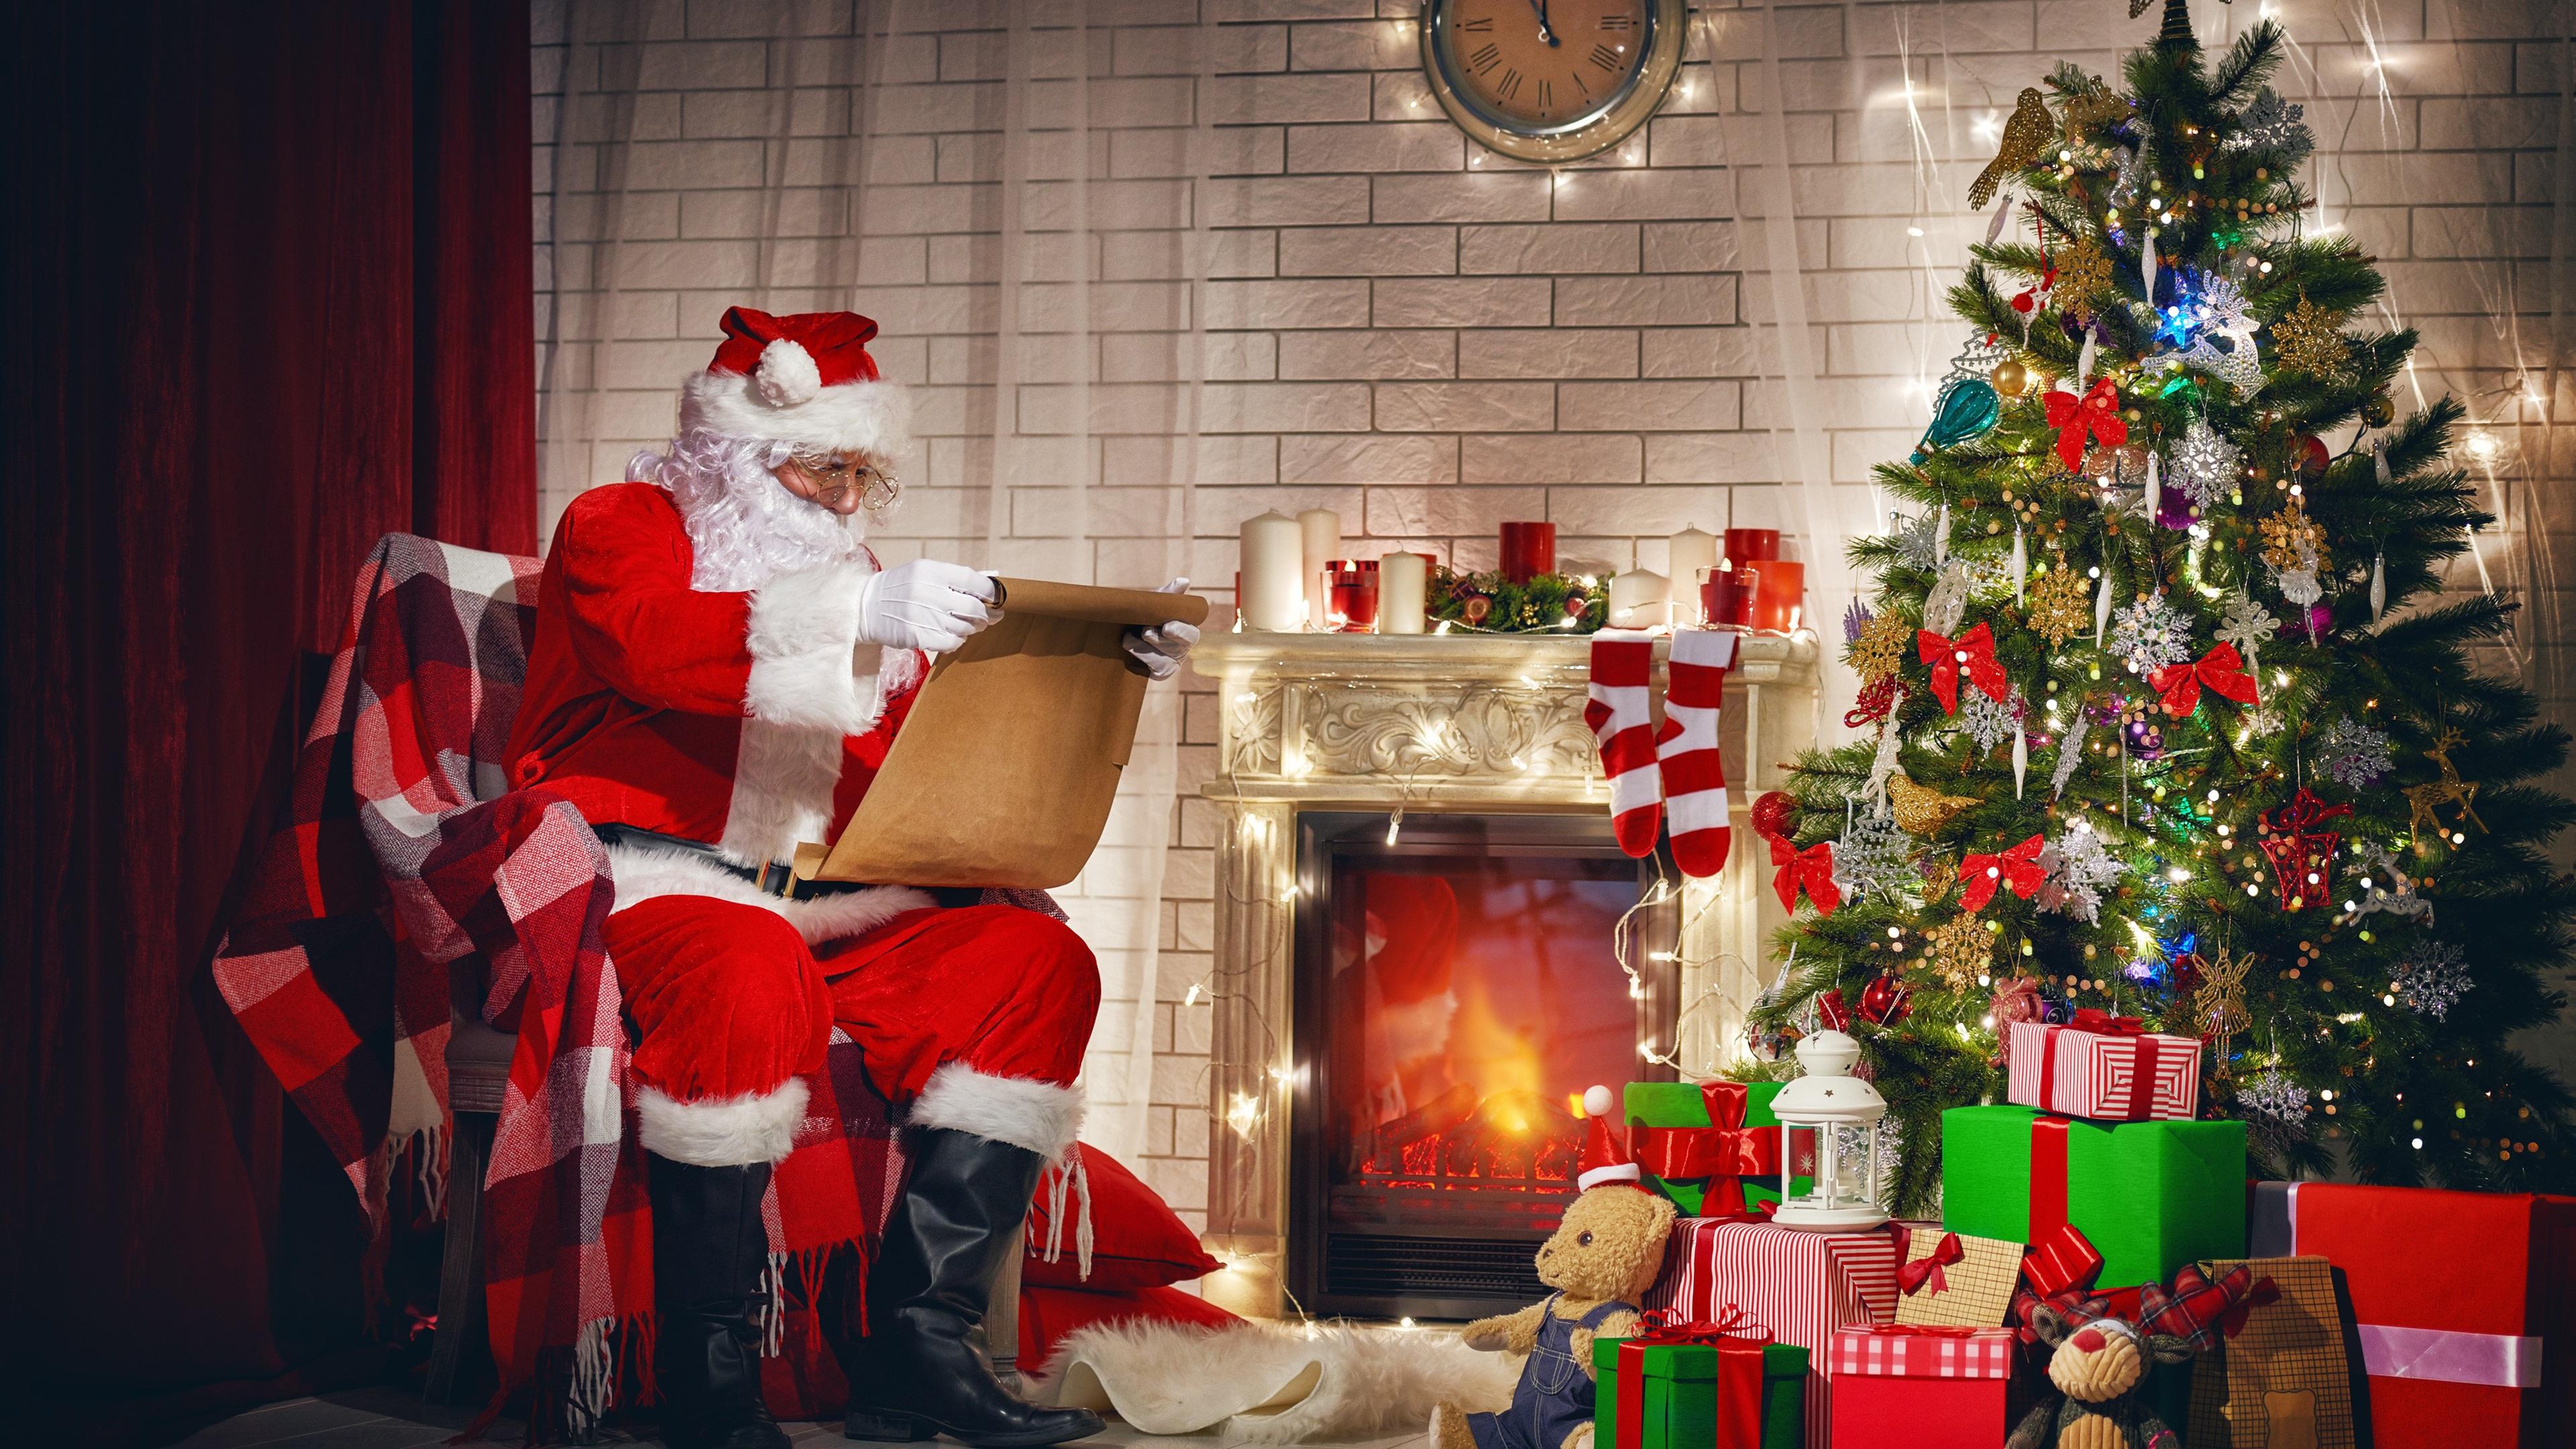 fonds d 39 cran joyeux no l le p re no l cadeaux arbre de no l d coration chemin e 3840x2160. Black Bedroom Furniture Sets. Home Design Ideas